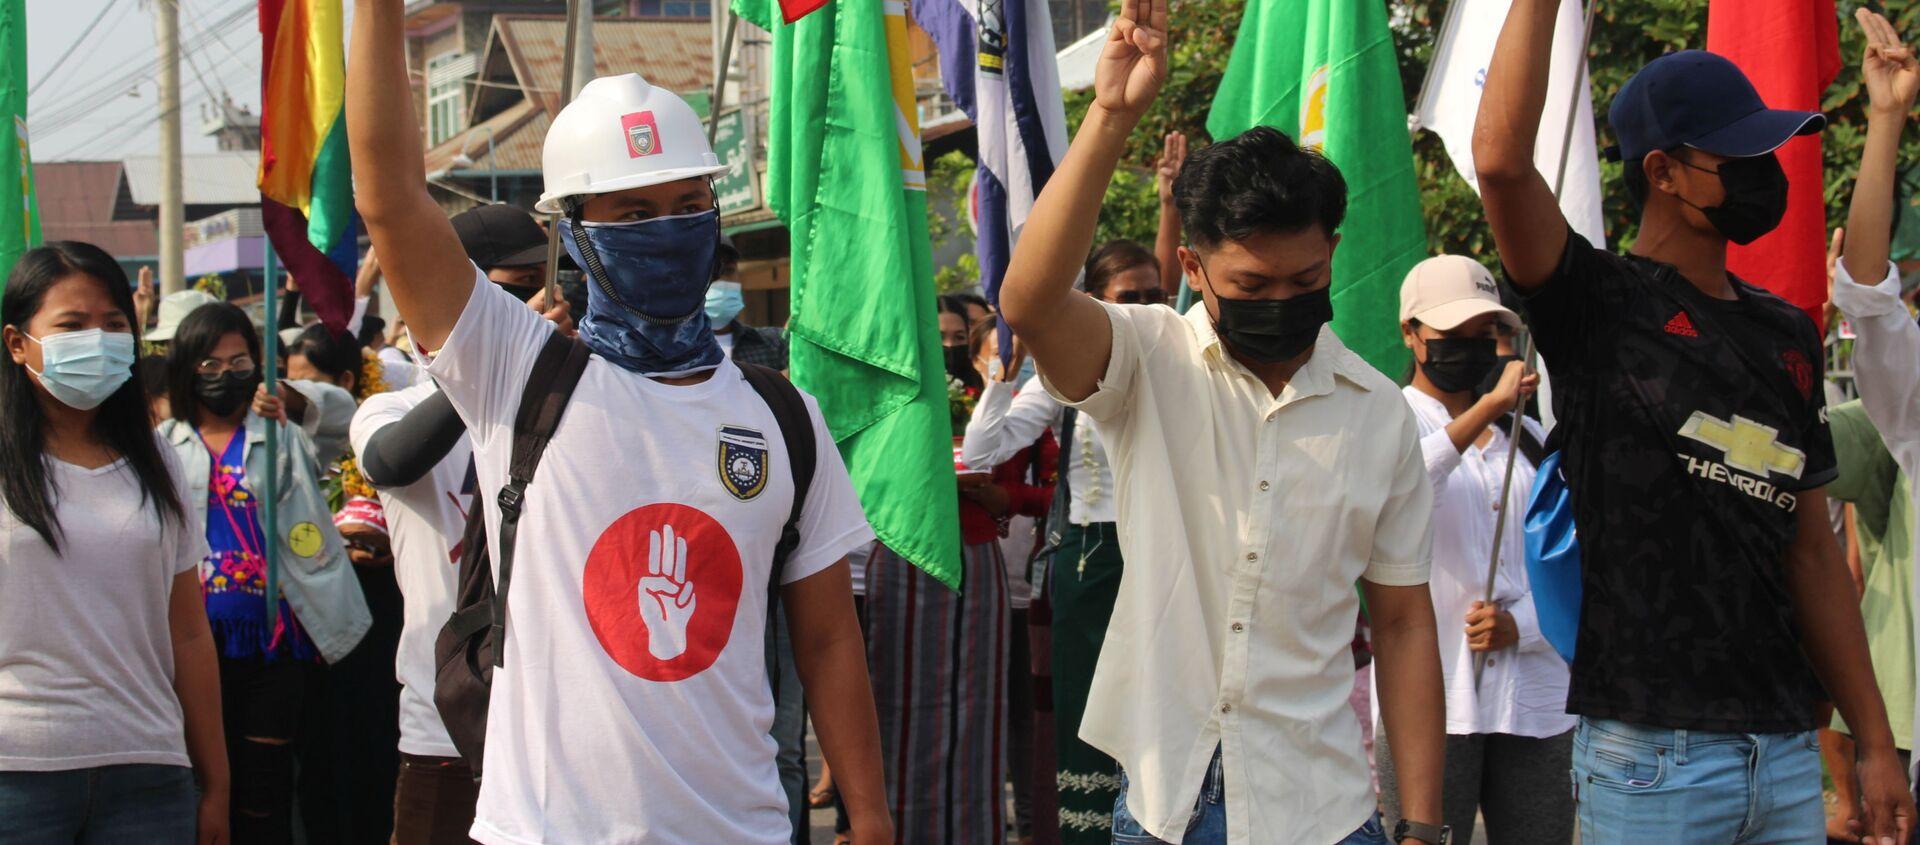 Những người tham gia biểu tình phản đối cuộc đảo chính quân sự ở Myanmar. - Sputnik Việt Nam, 1920, 13.04.2021